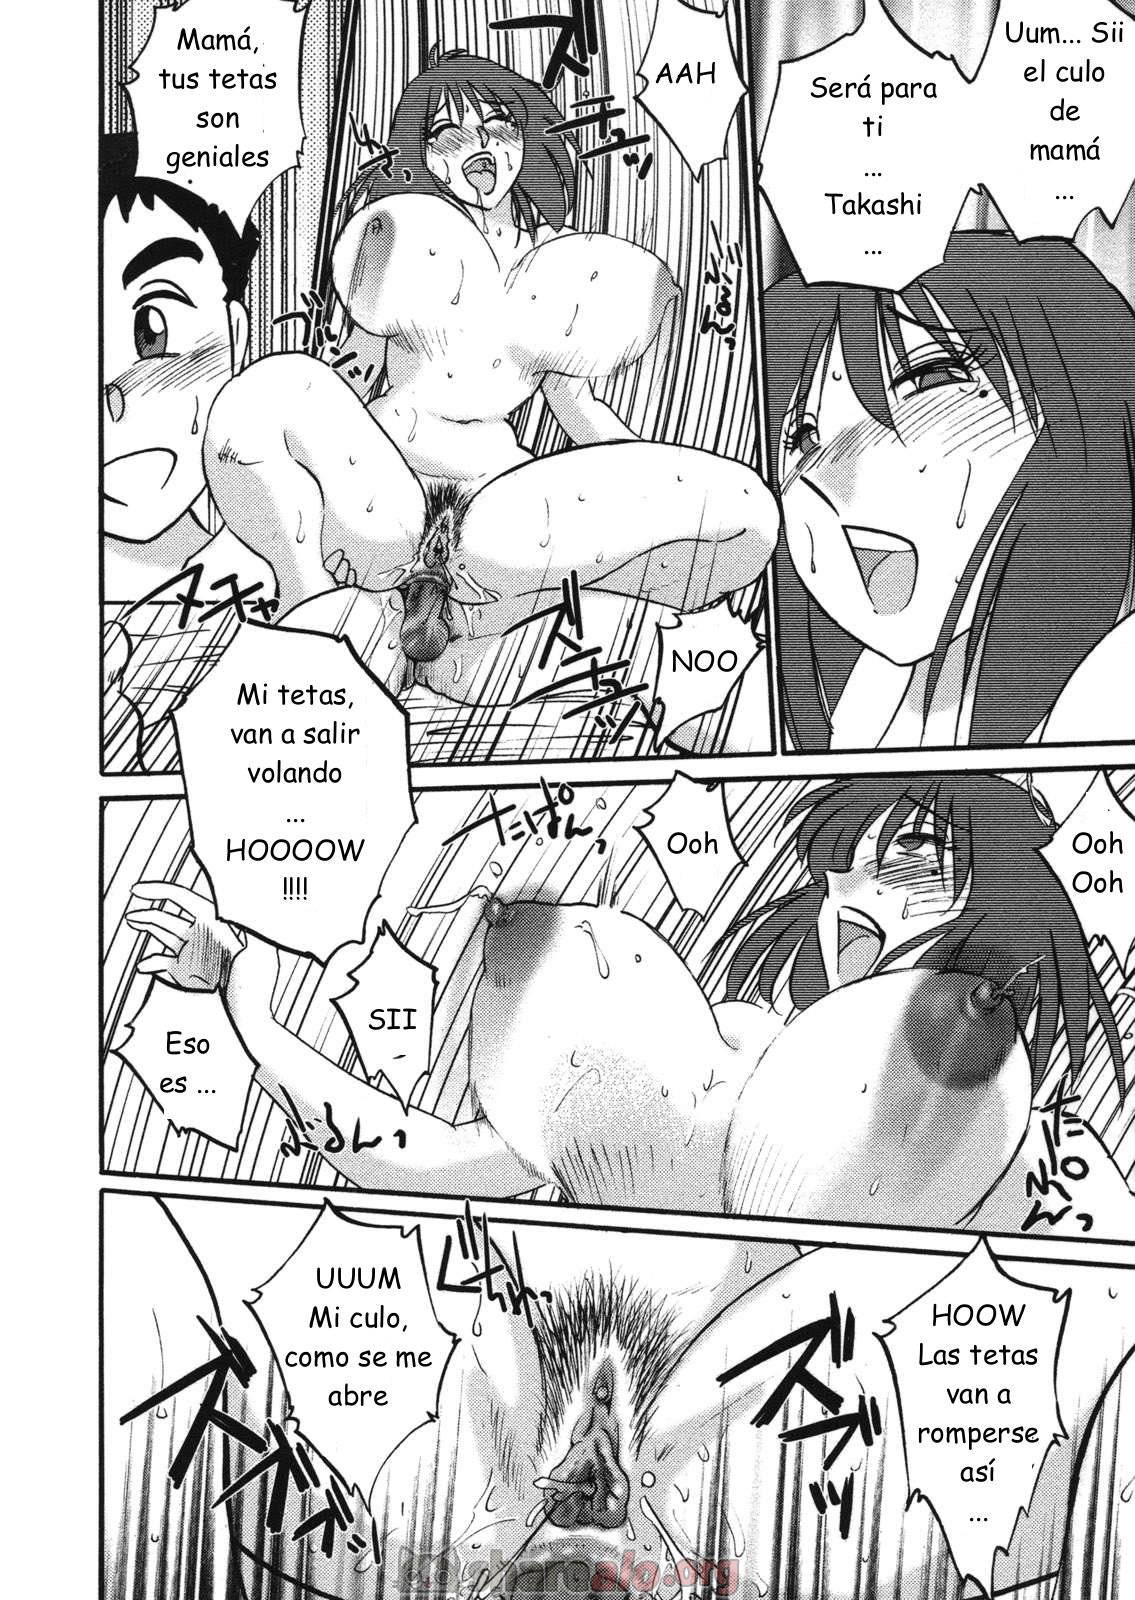 [ Boku no Aijin Manga Hentai de TsuyaTsuya ]: Comics Porno Manga Hentai [ CWIFB9NP ]